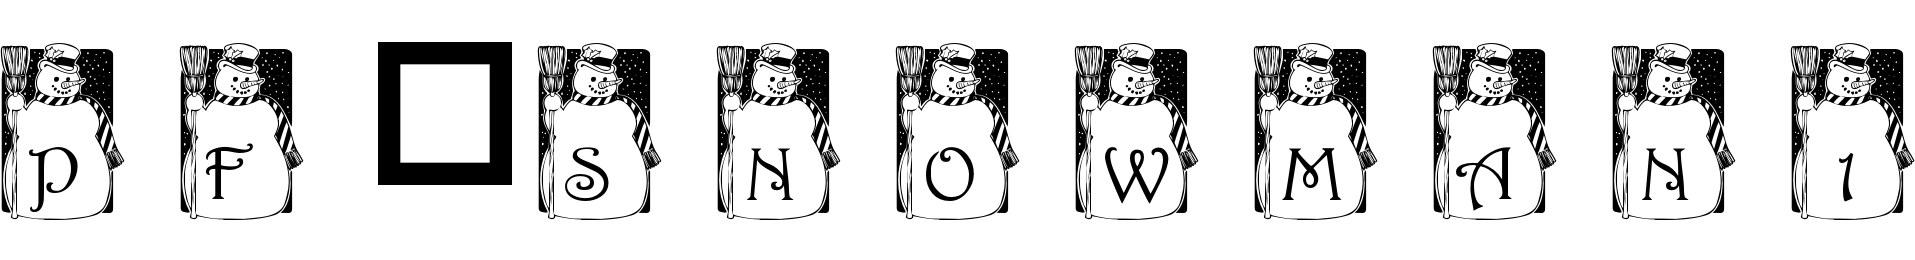 pf_snowman1